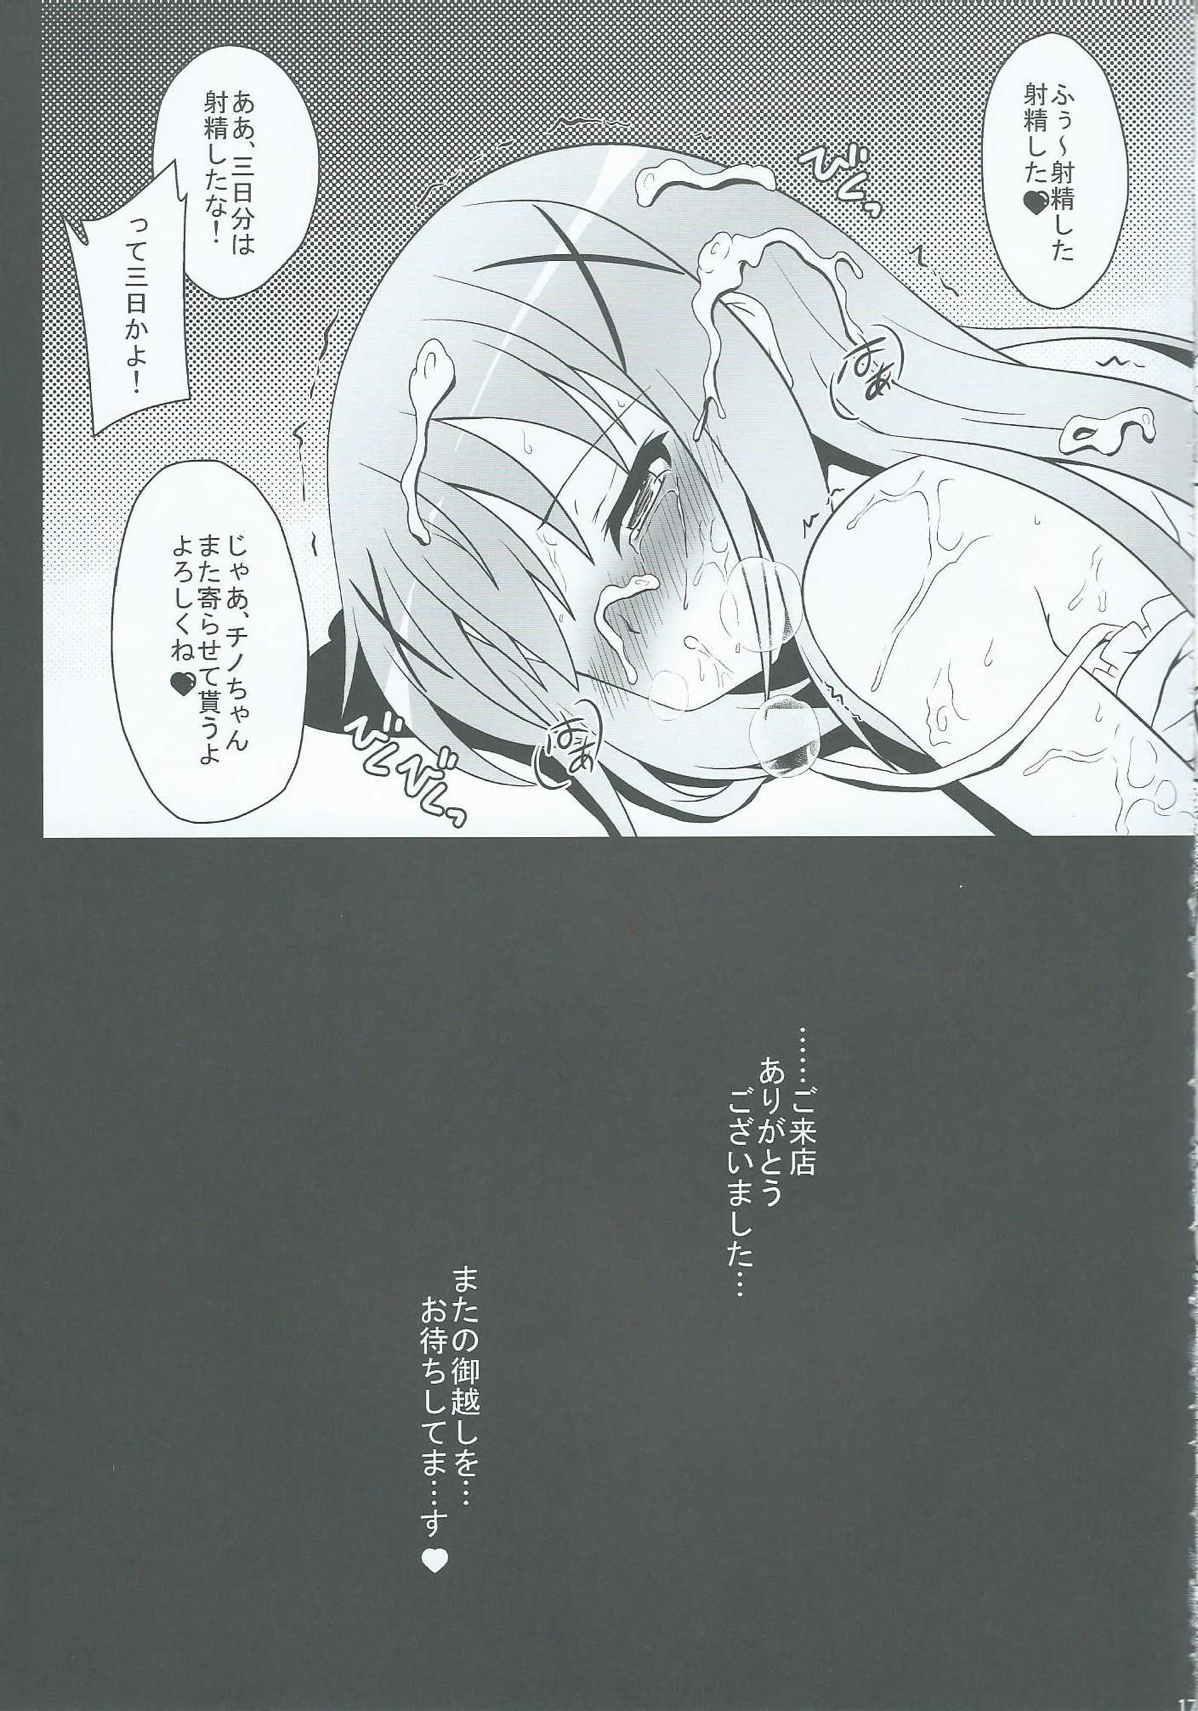 Gochuumontte Watashi desu ka!? 16